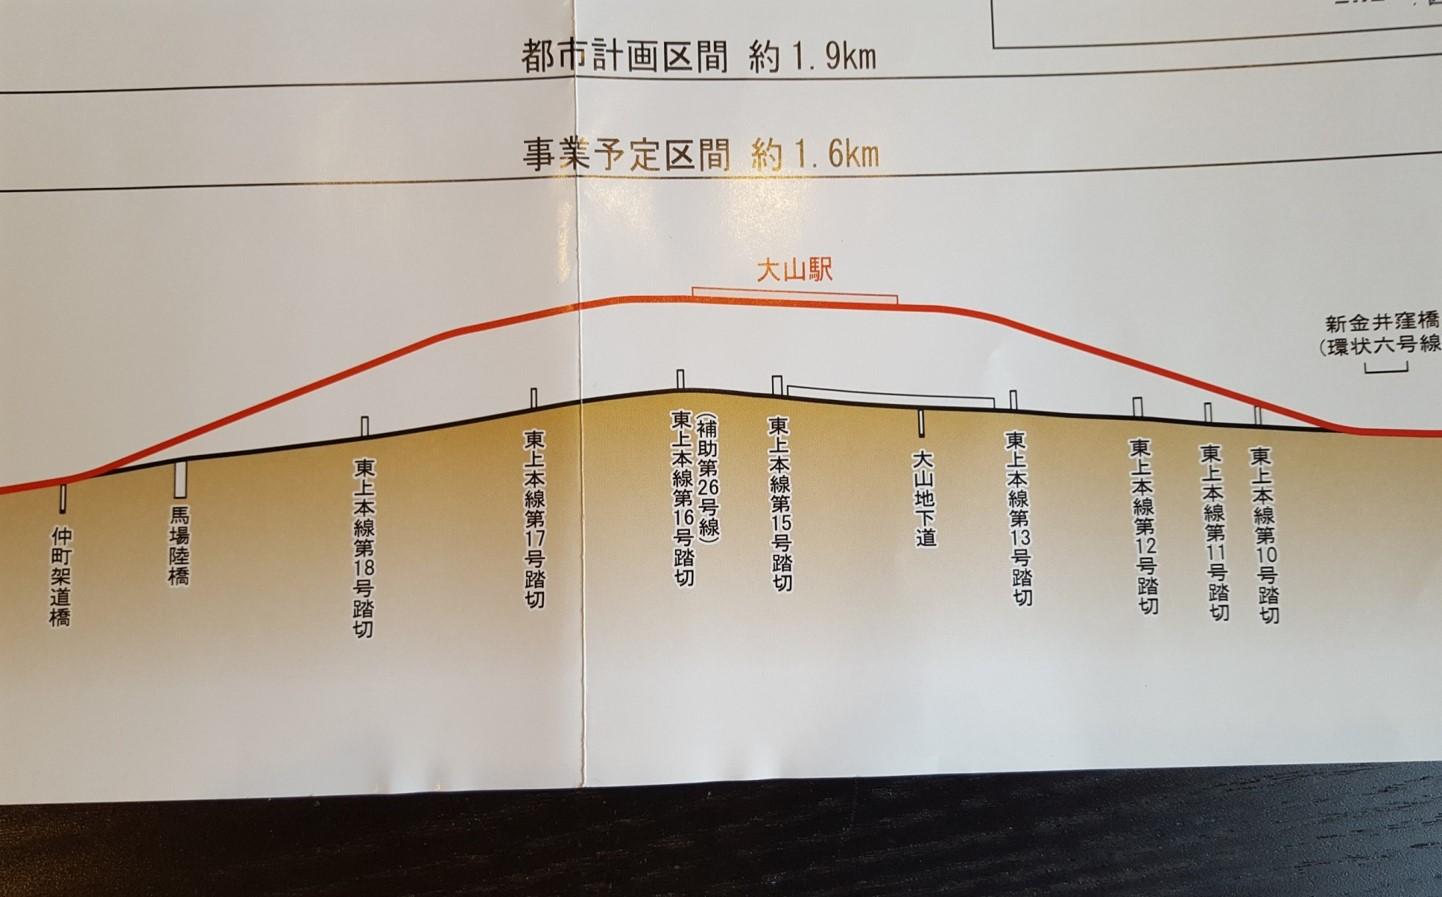 大山駅付近連続立体化縦断図